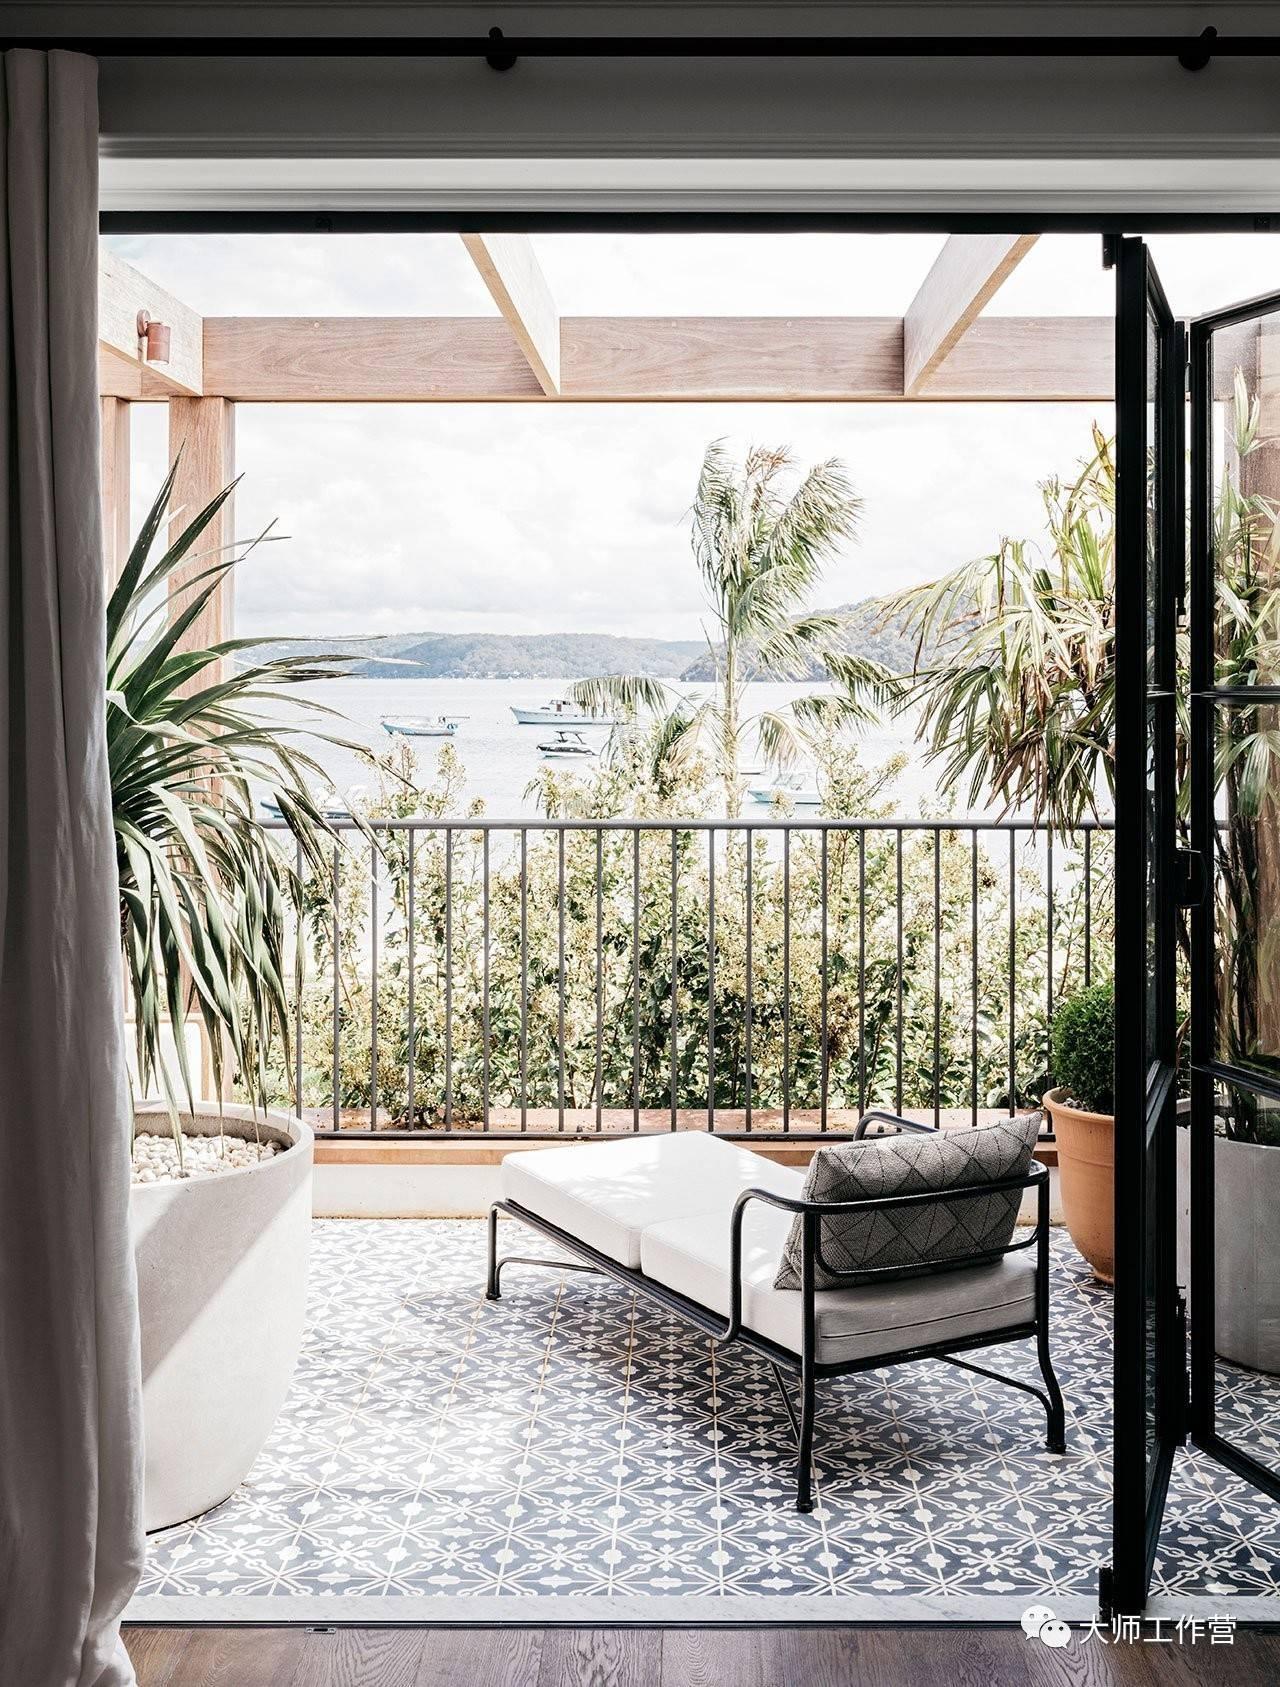 悉尼棕榈滩上的Iluka House度假别墅